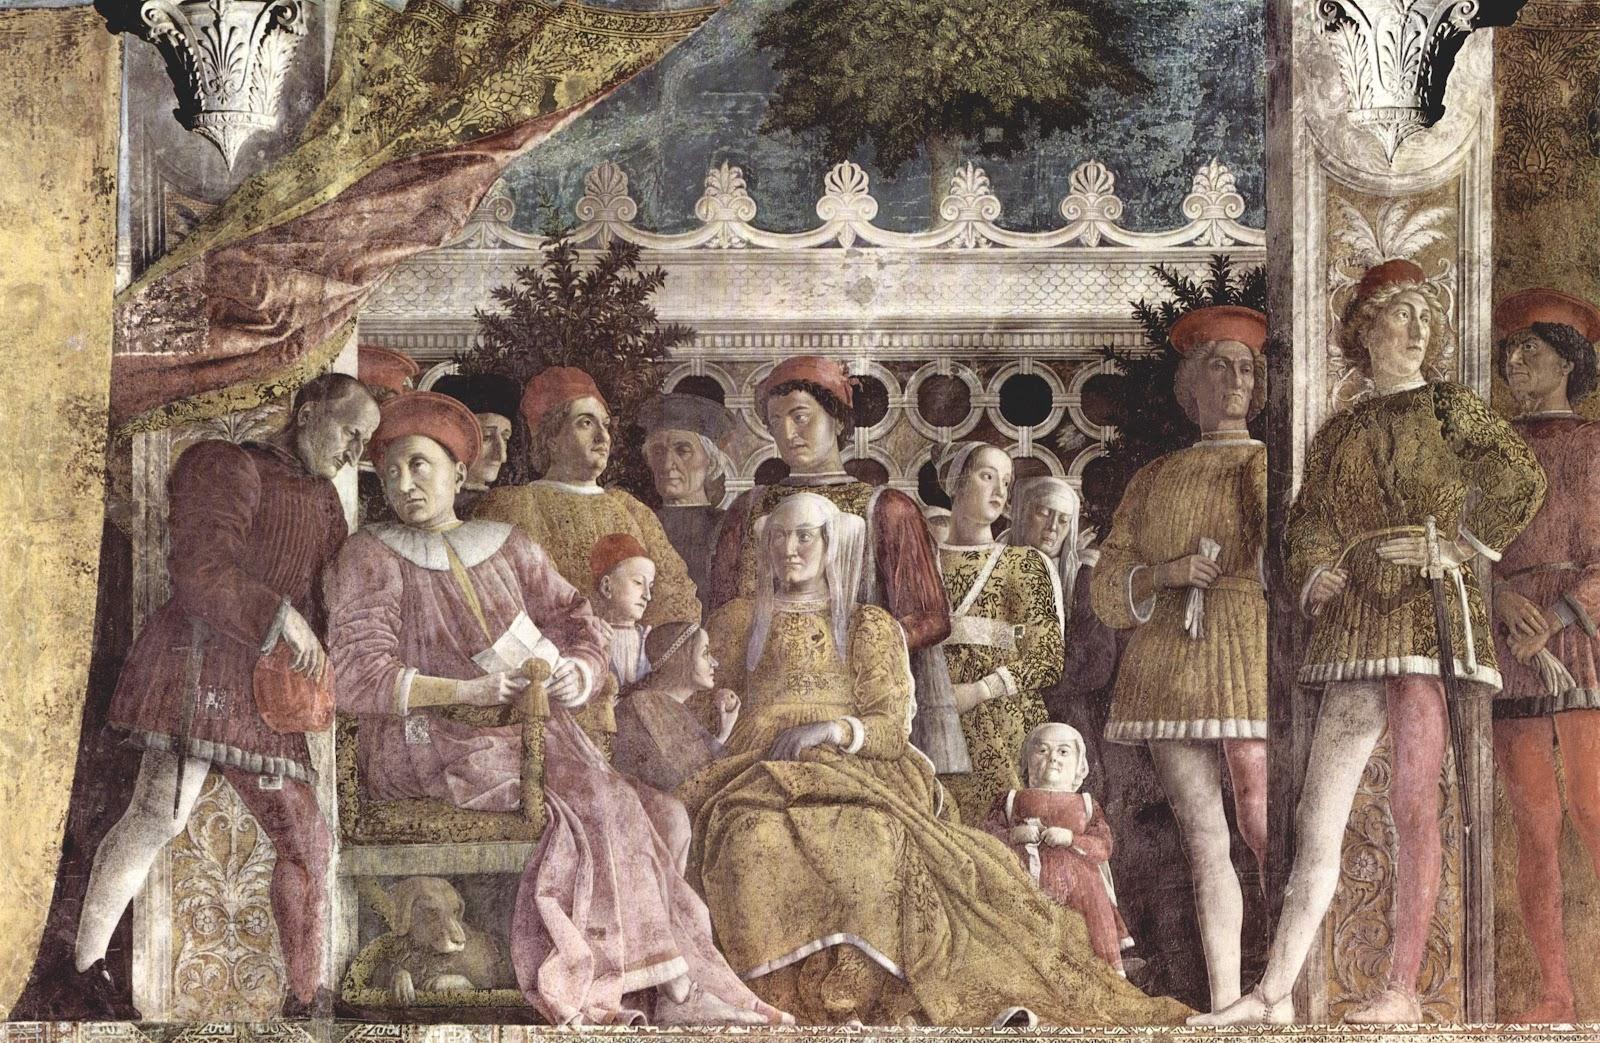 Andrea mantegna la camera degli sposi 1465 1474 art for Mantegna camera degli sposi palazzo ducale